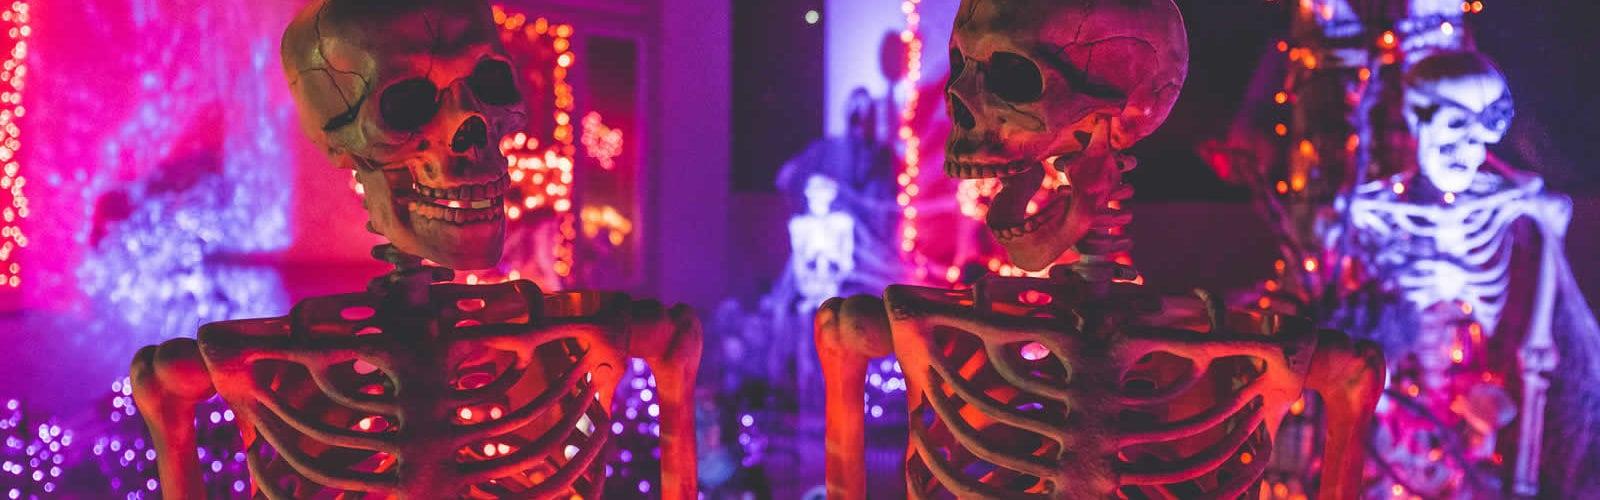 meilleurs-lieux-soirees-bars-maisons-hantees-octobre-halloween-san-francisco-une